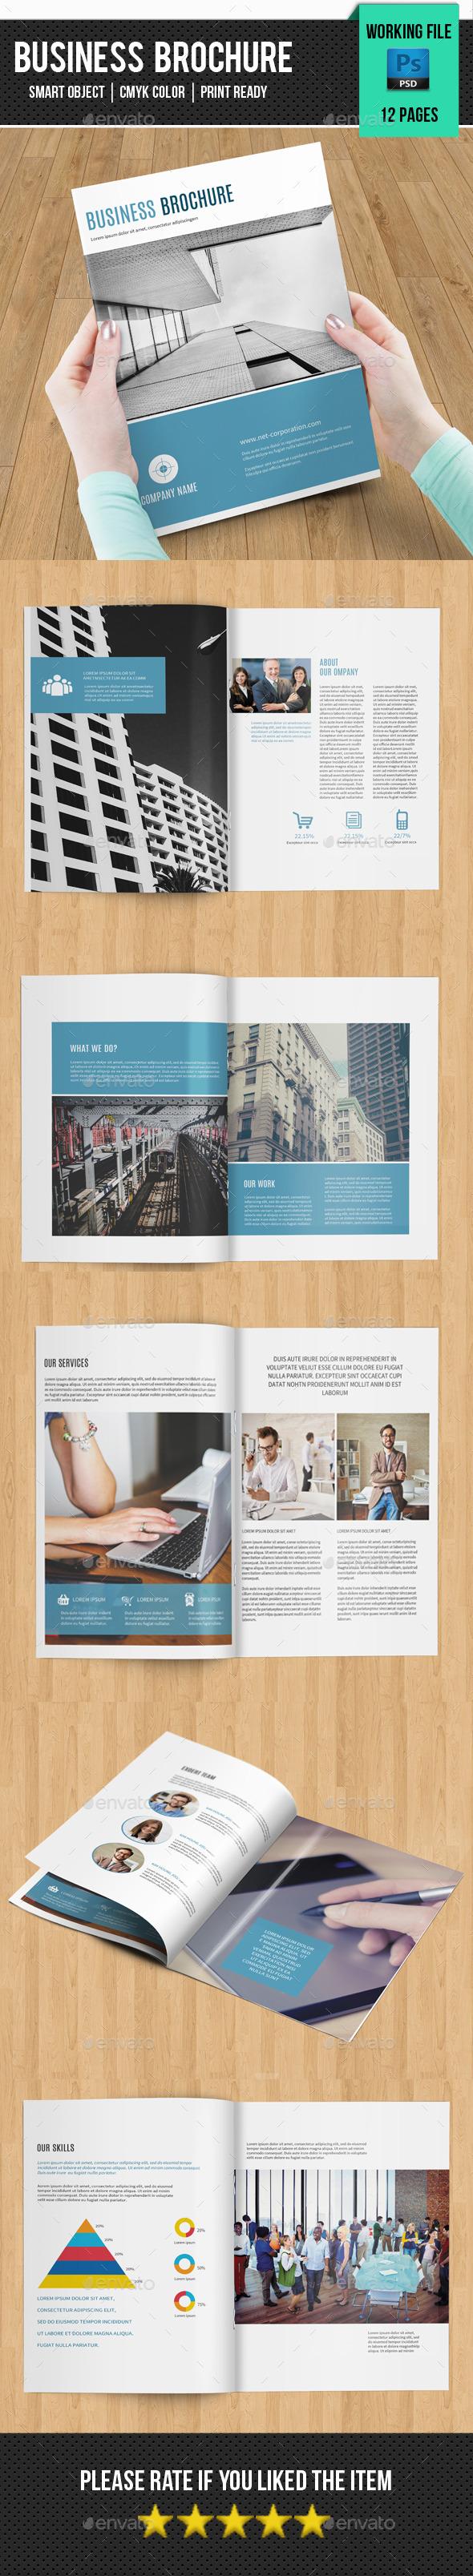 Corporate Bifold Brochure-V254 - Corporate Brochures